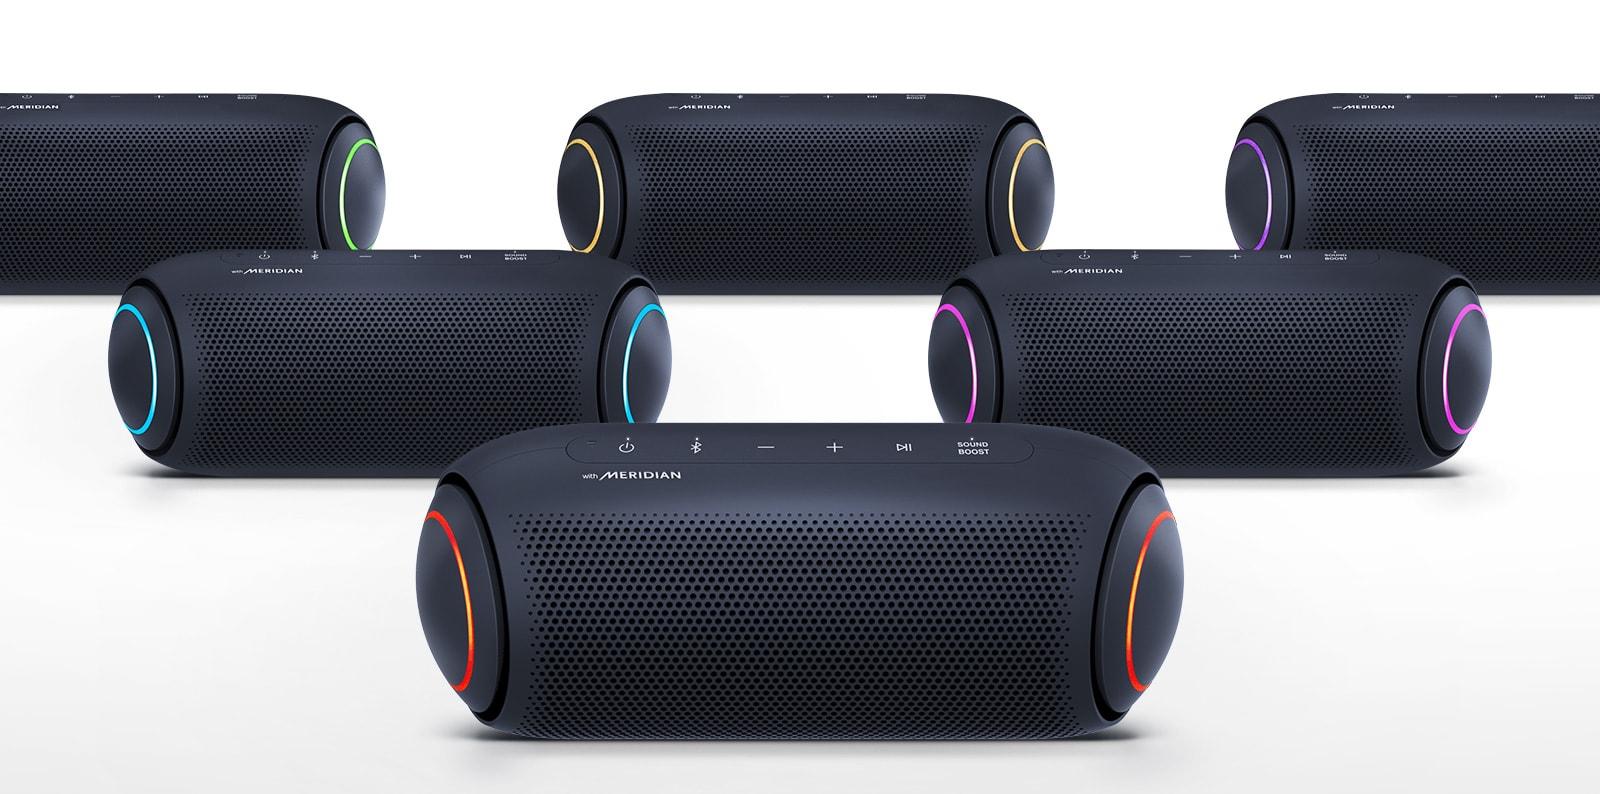 Na belem ozadju pet zvočnikov XBOOM Go prikazuje lučke v različnih barvah.